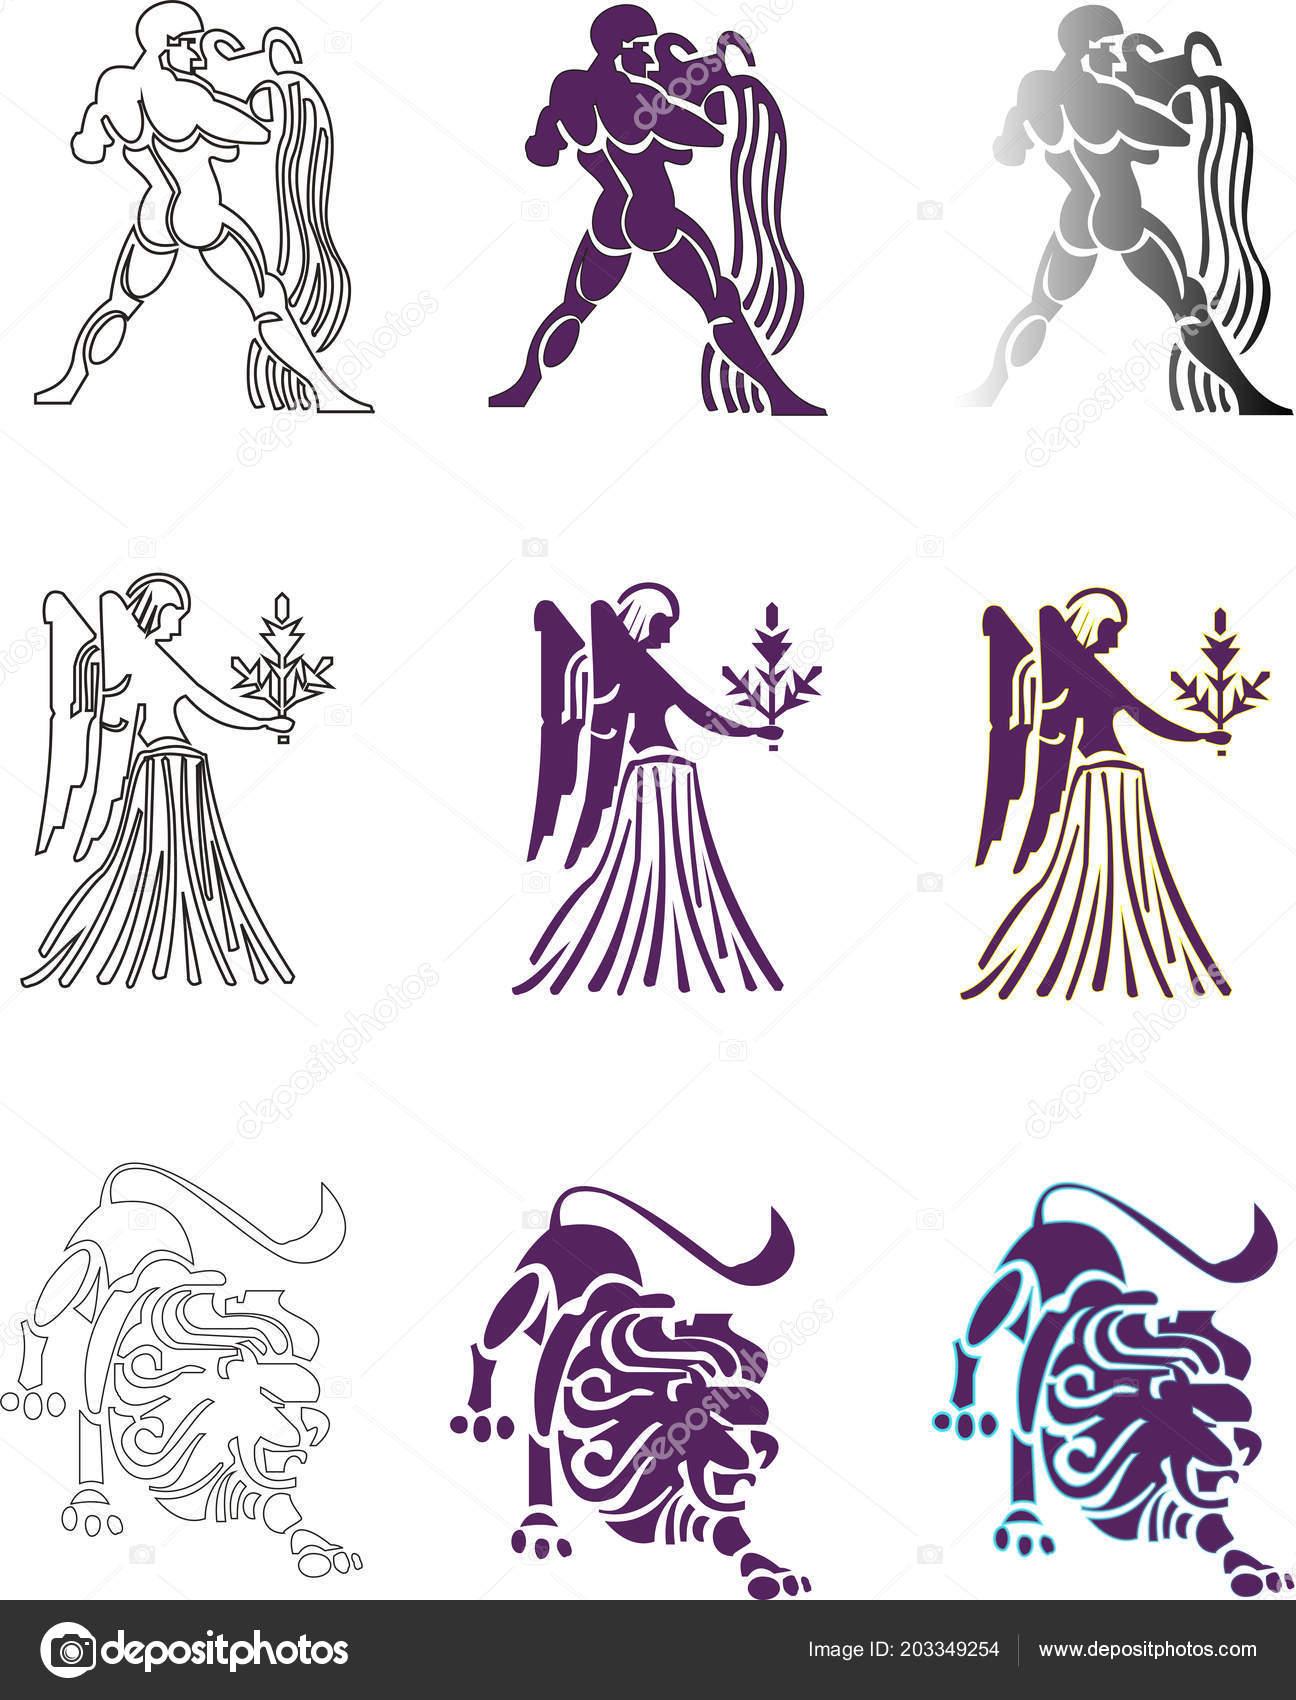 8f0c9d5d7 The twelve astrology horoscope signs of the zodiac. Aquarius Gemini Taurus  Aries Scorpio Sagittarius Capricorn Pisces Cancer Leo Virgo and Libra.